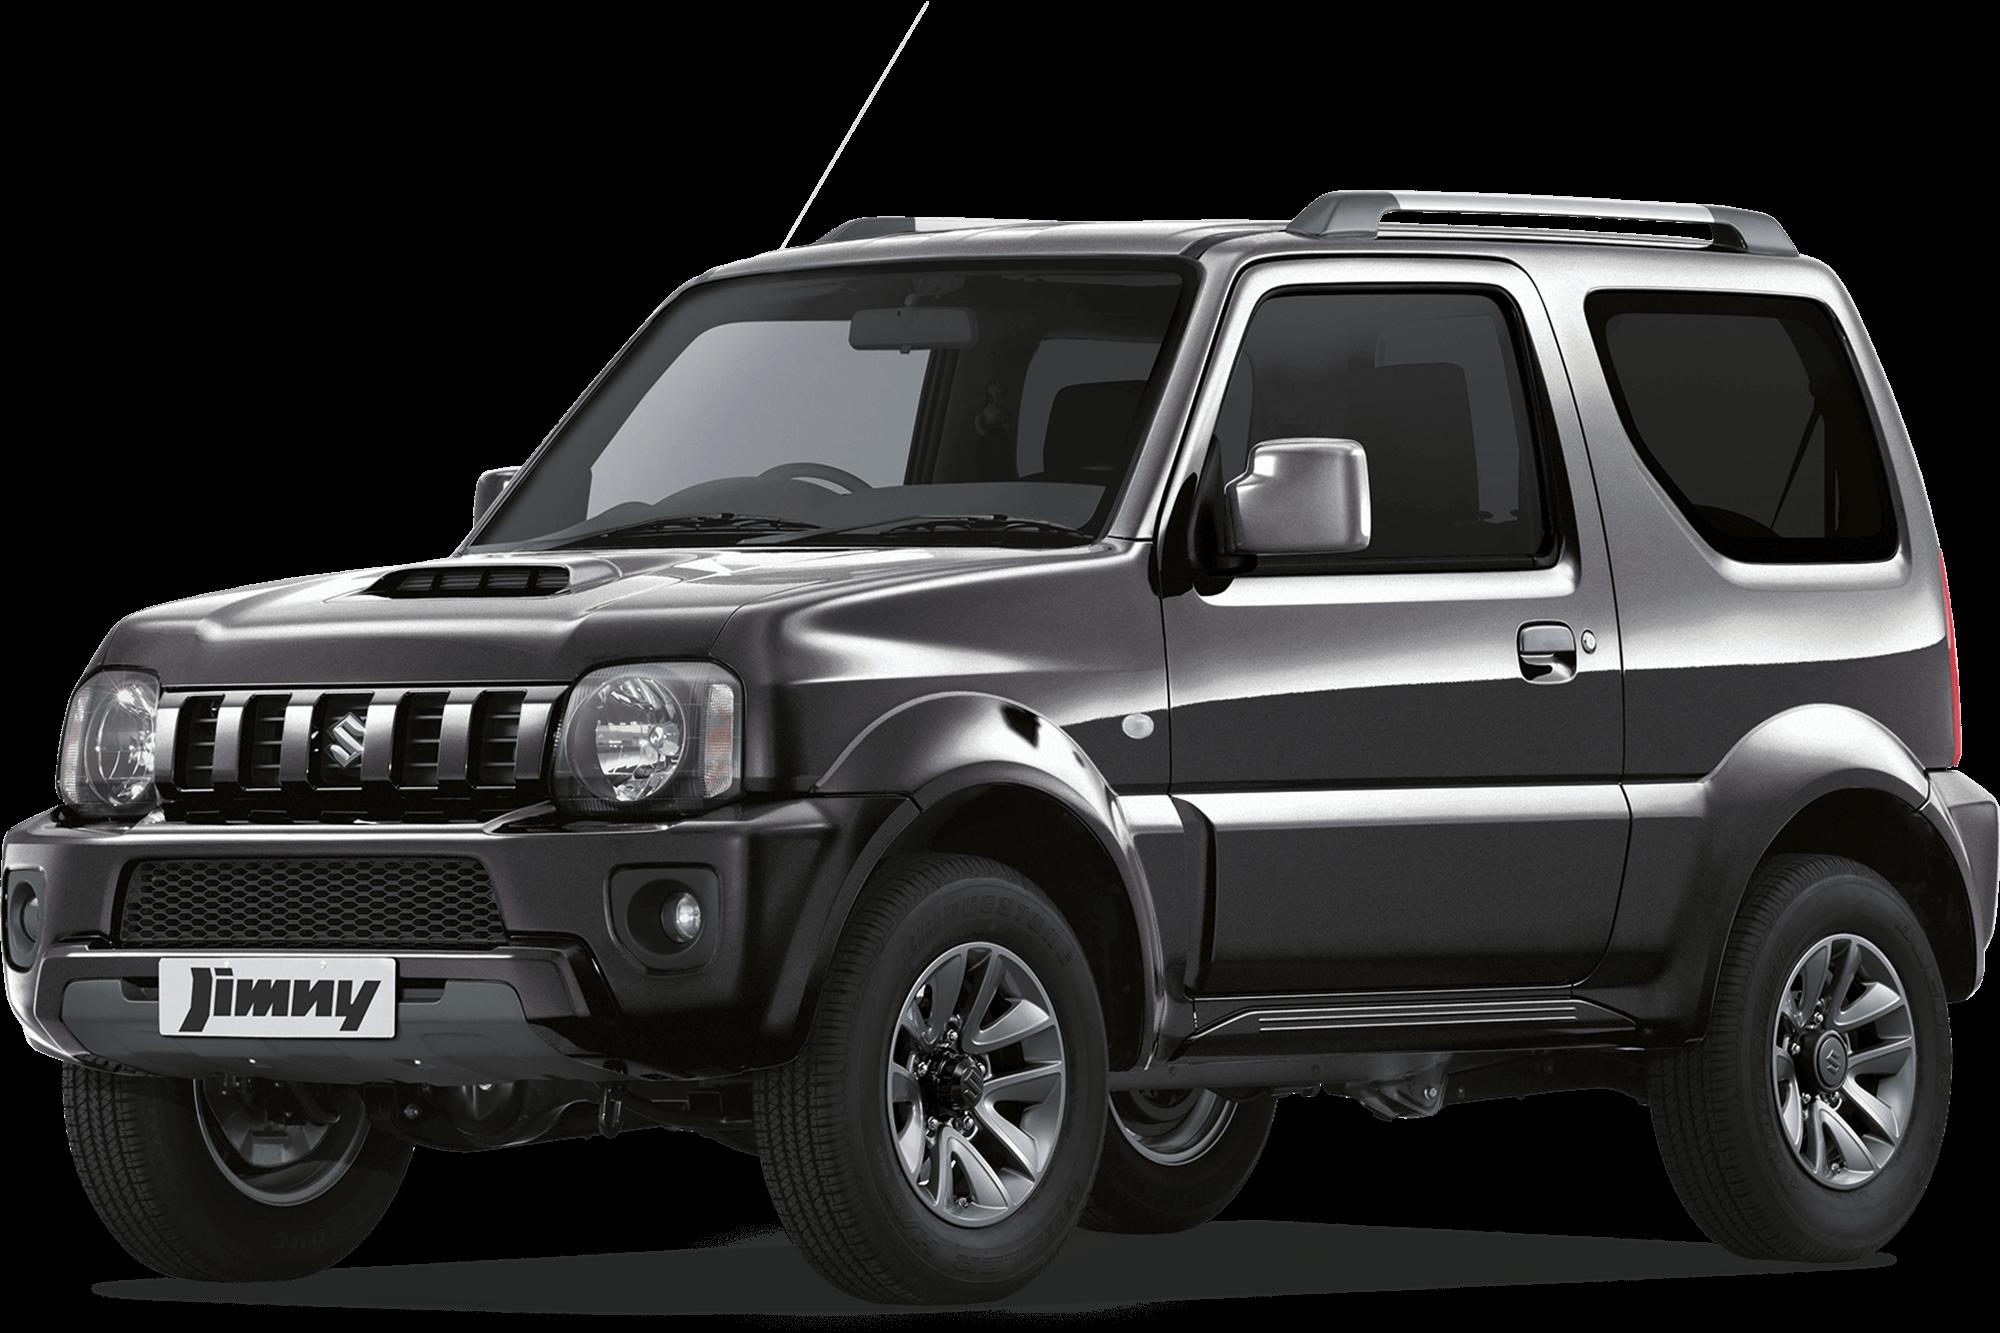 New Suzuki Jimny Jangkrik, ganteng maksimal